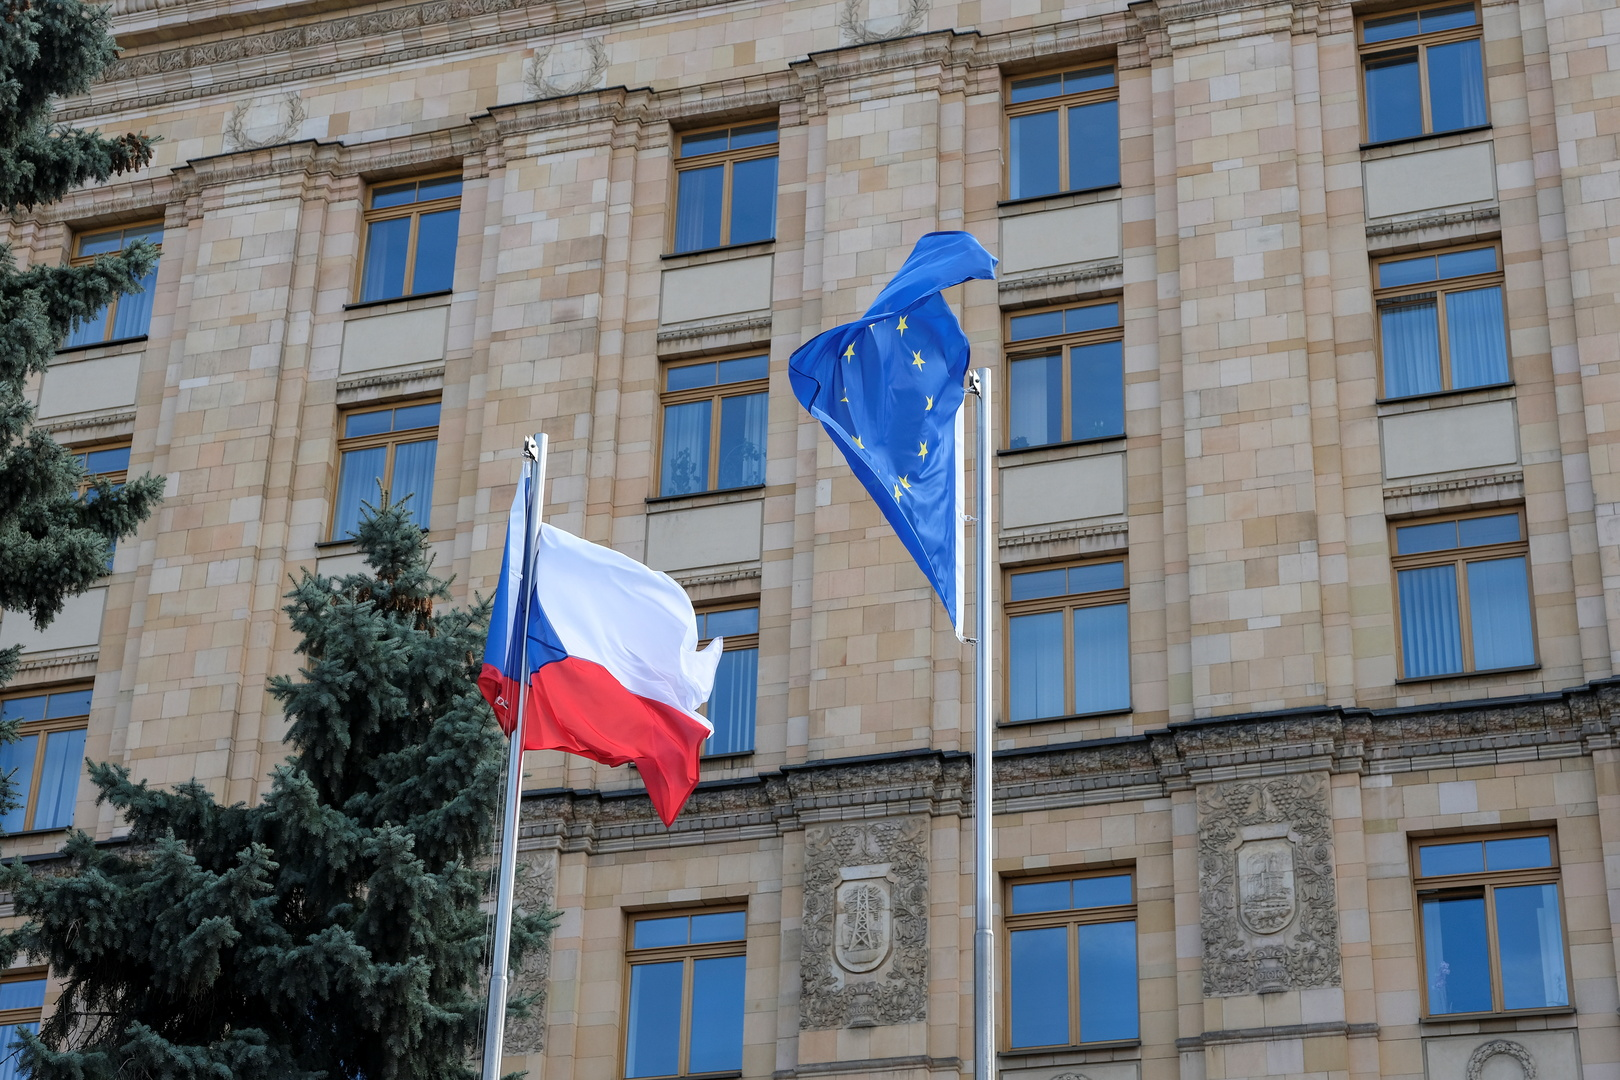 سفارة جمهورية التشيك في موسكو